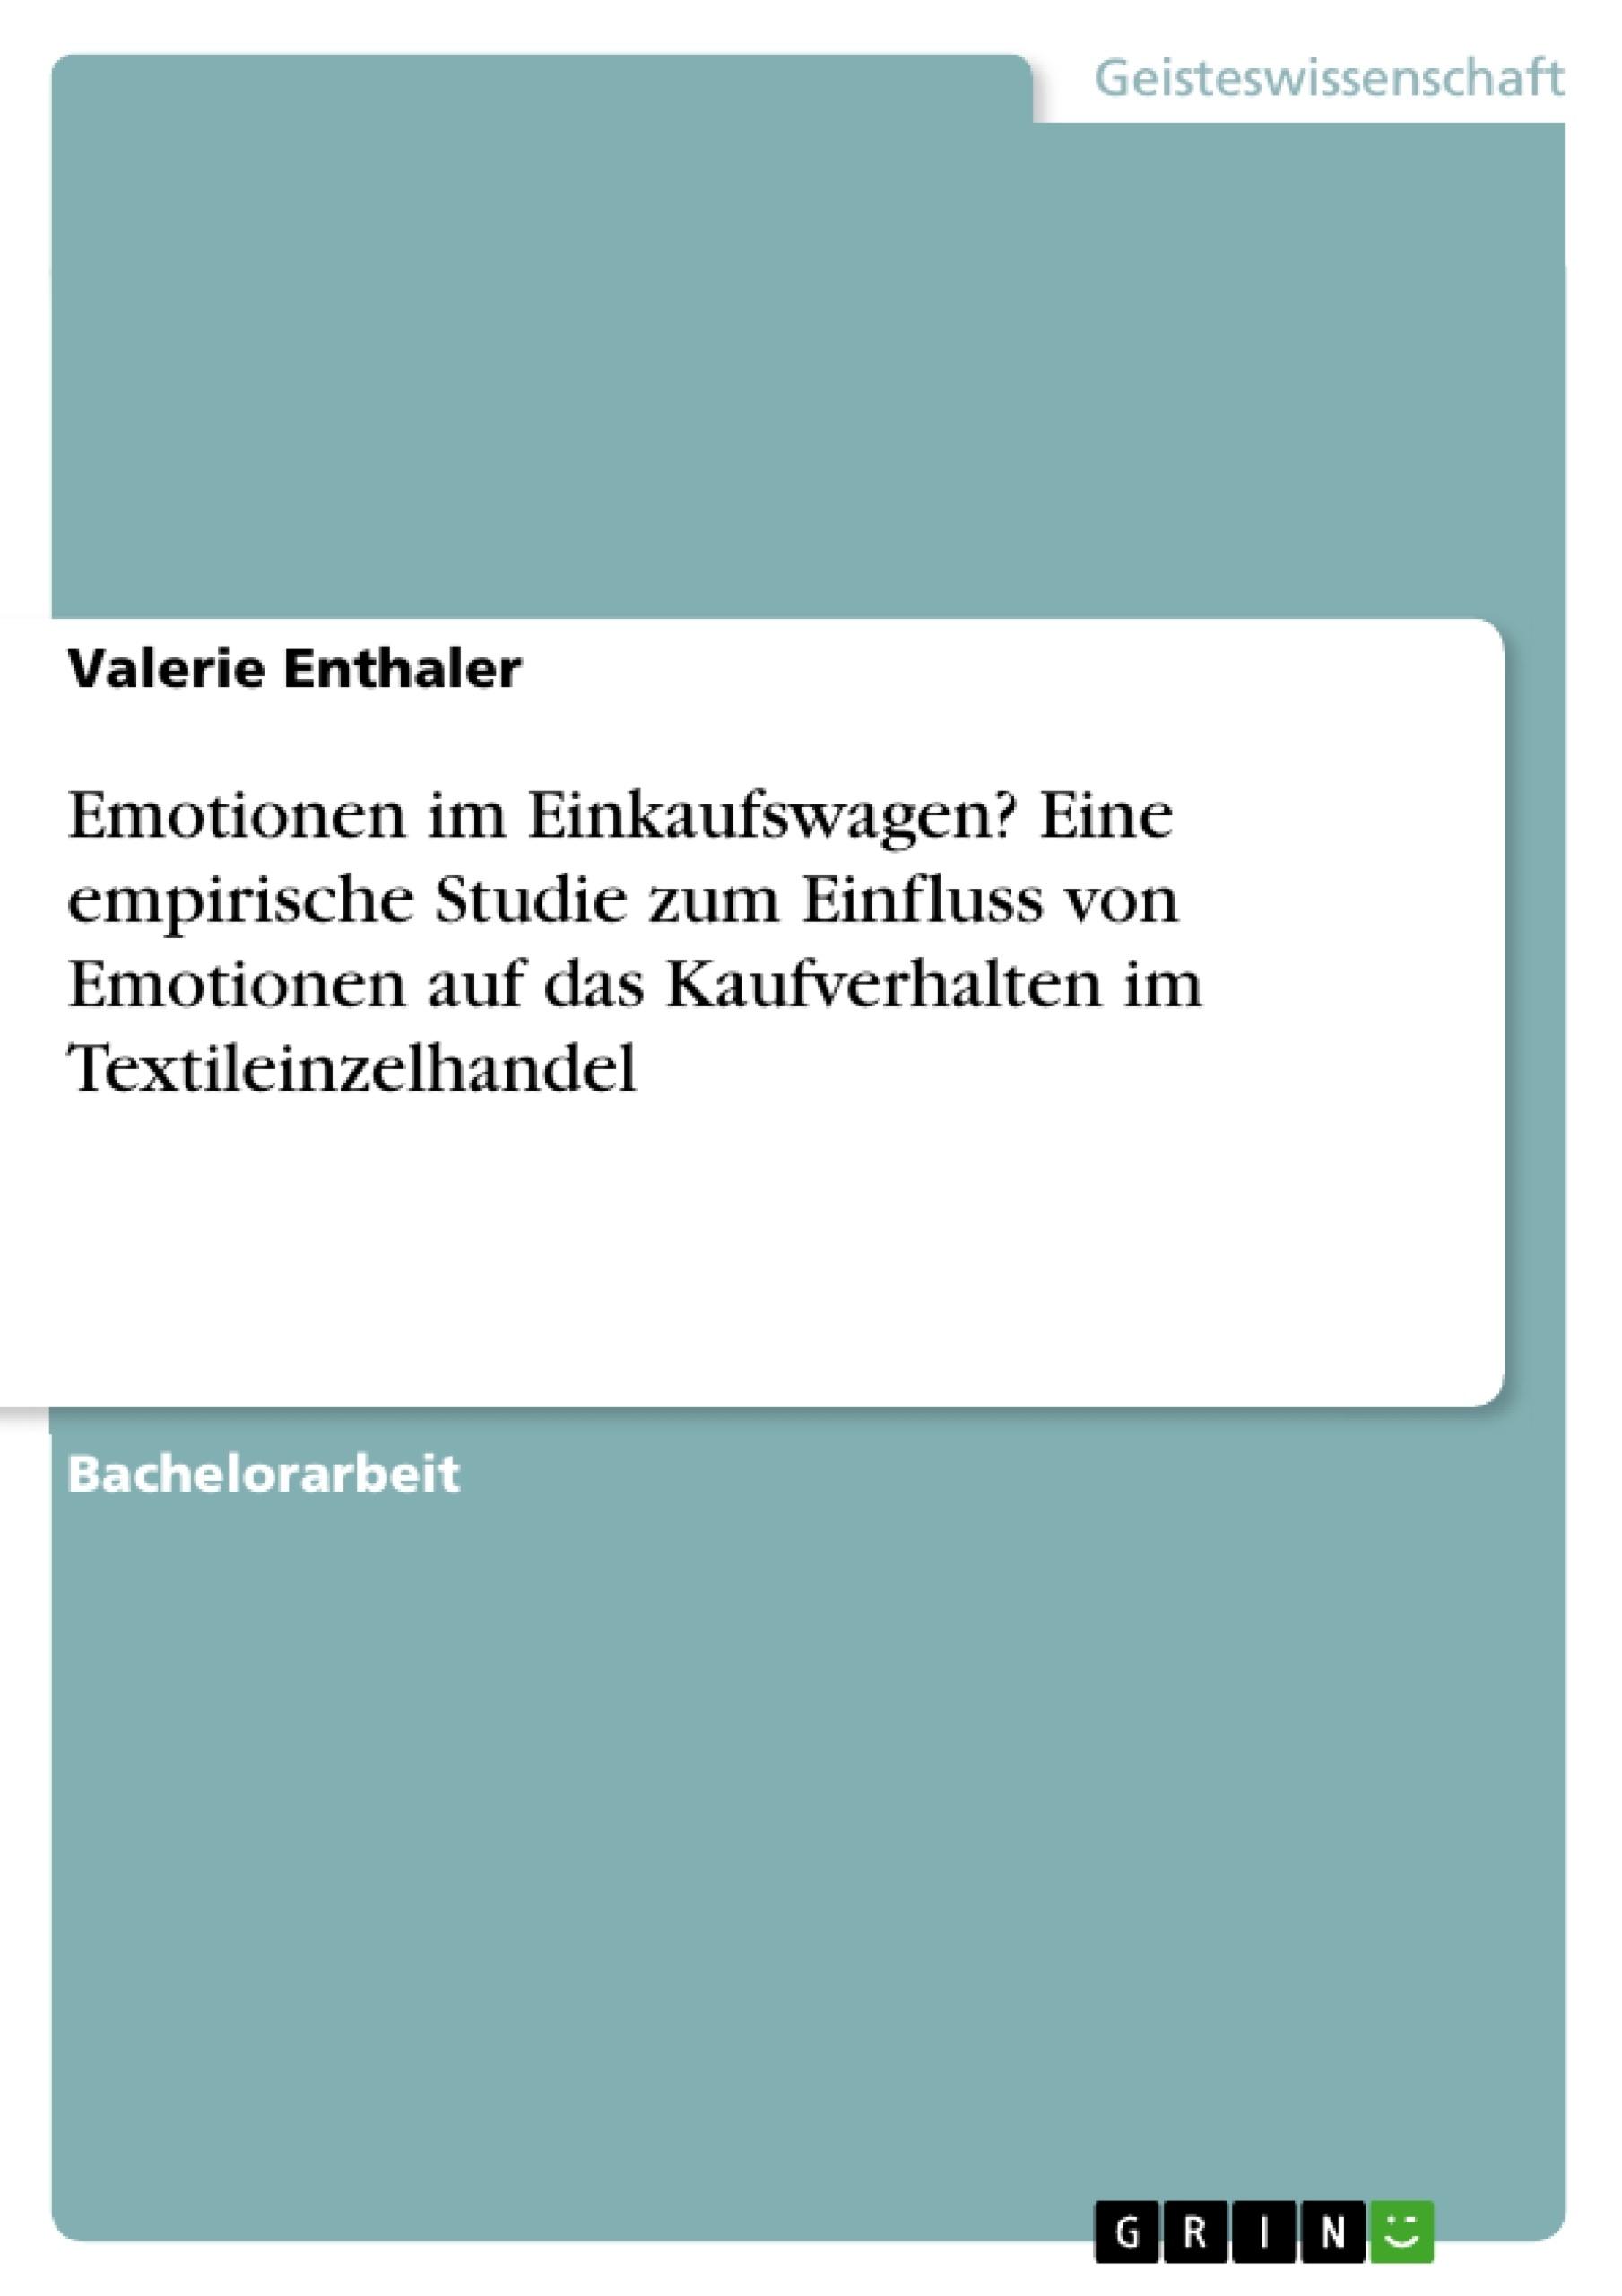 Titel: Emotionen im Einkaufswagen? Eine empirische Studie zum Einfluss von Emotionen auf das Kaufverhalten im Textileinzelhandel